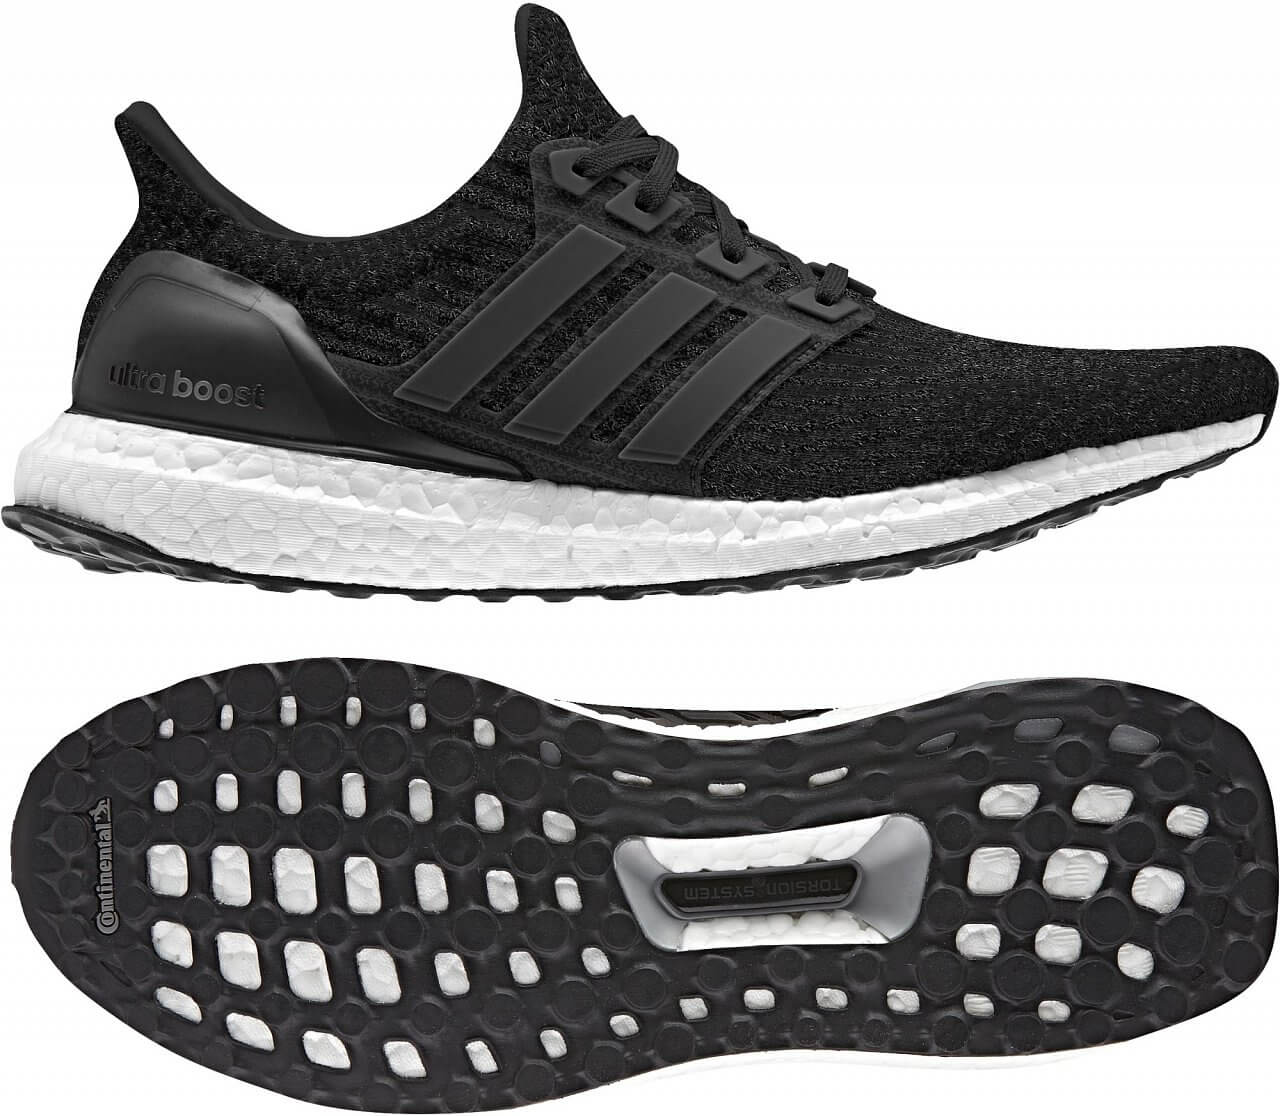 Pánske bežecké topánky adidas UltraBOOST